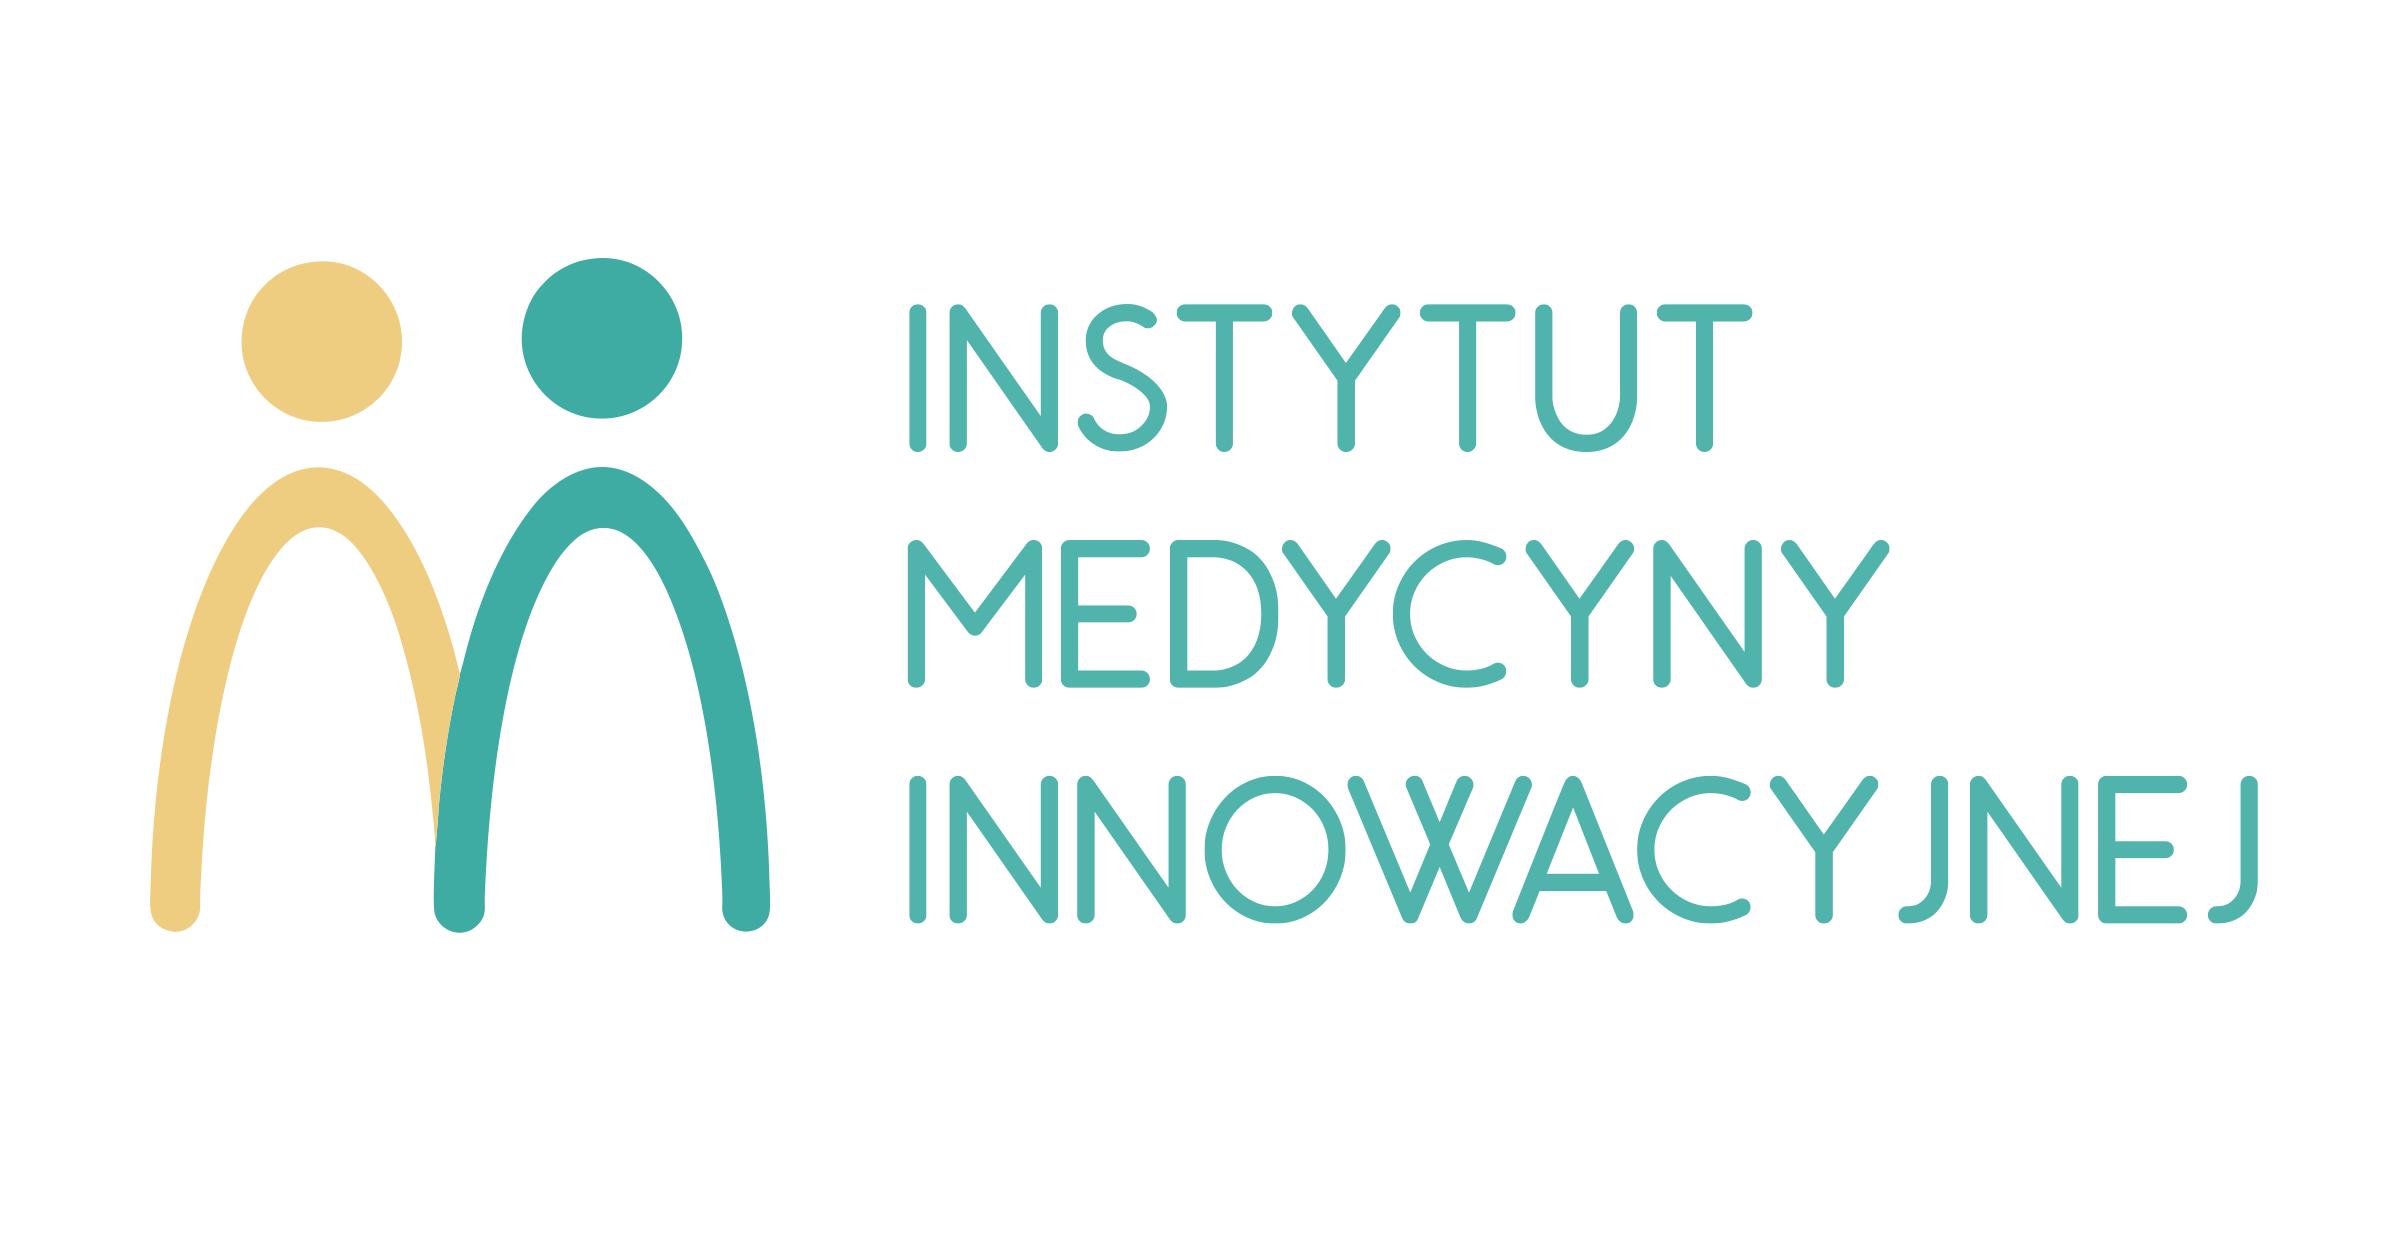 Logo Instytut Medycyny Innowacyjnej. Sprzęt do rehabilitacji - BardoMed